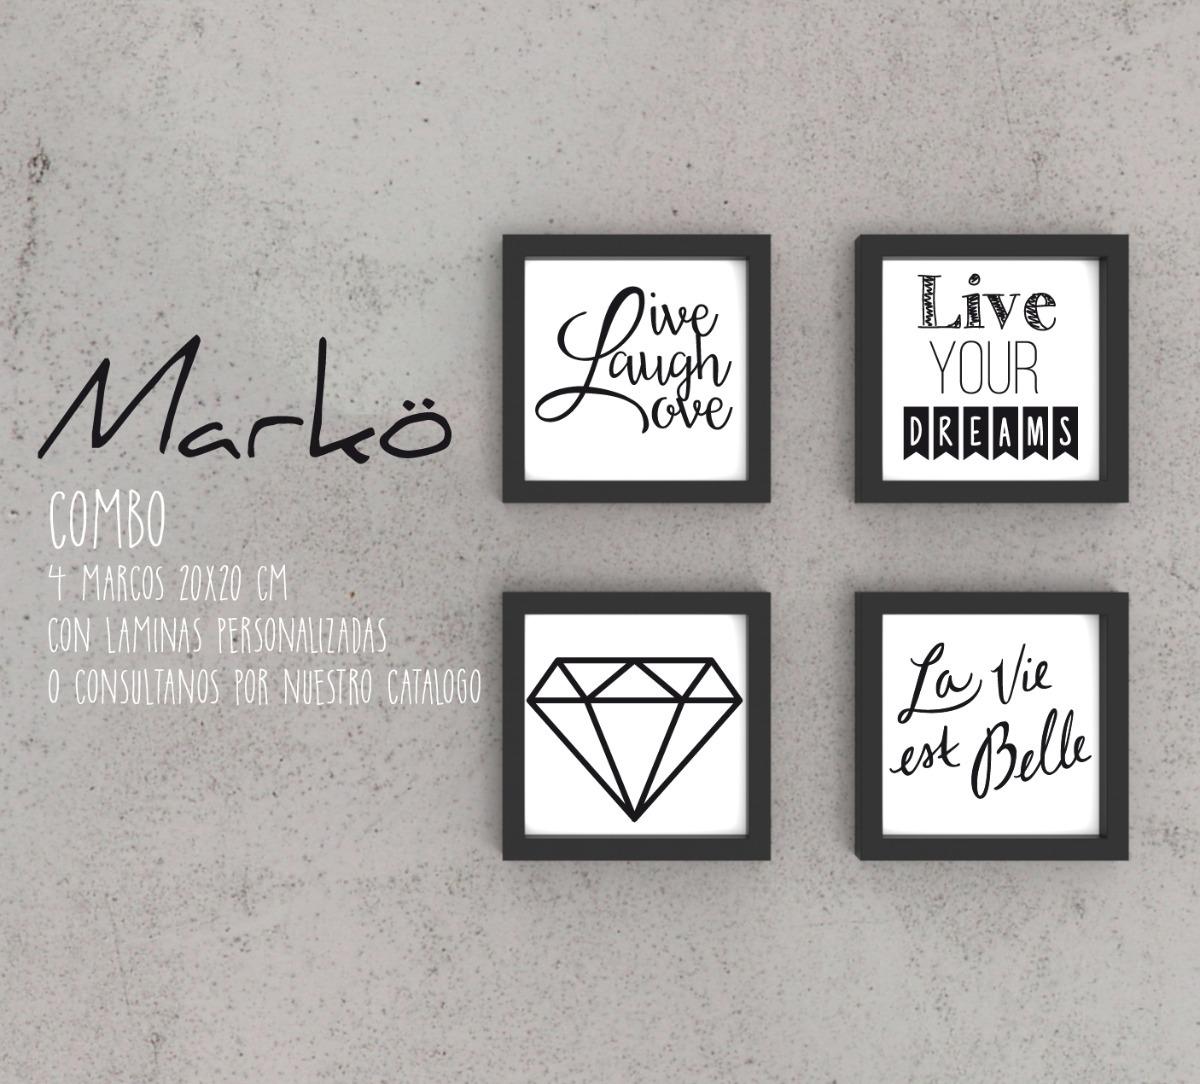 Combo Cuadro Marcos Con Frases Personalizadas 20x20mm - $ 970,00 en ...